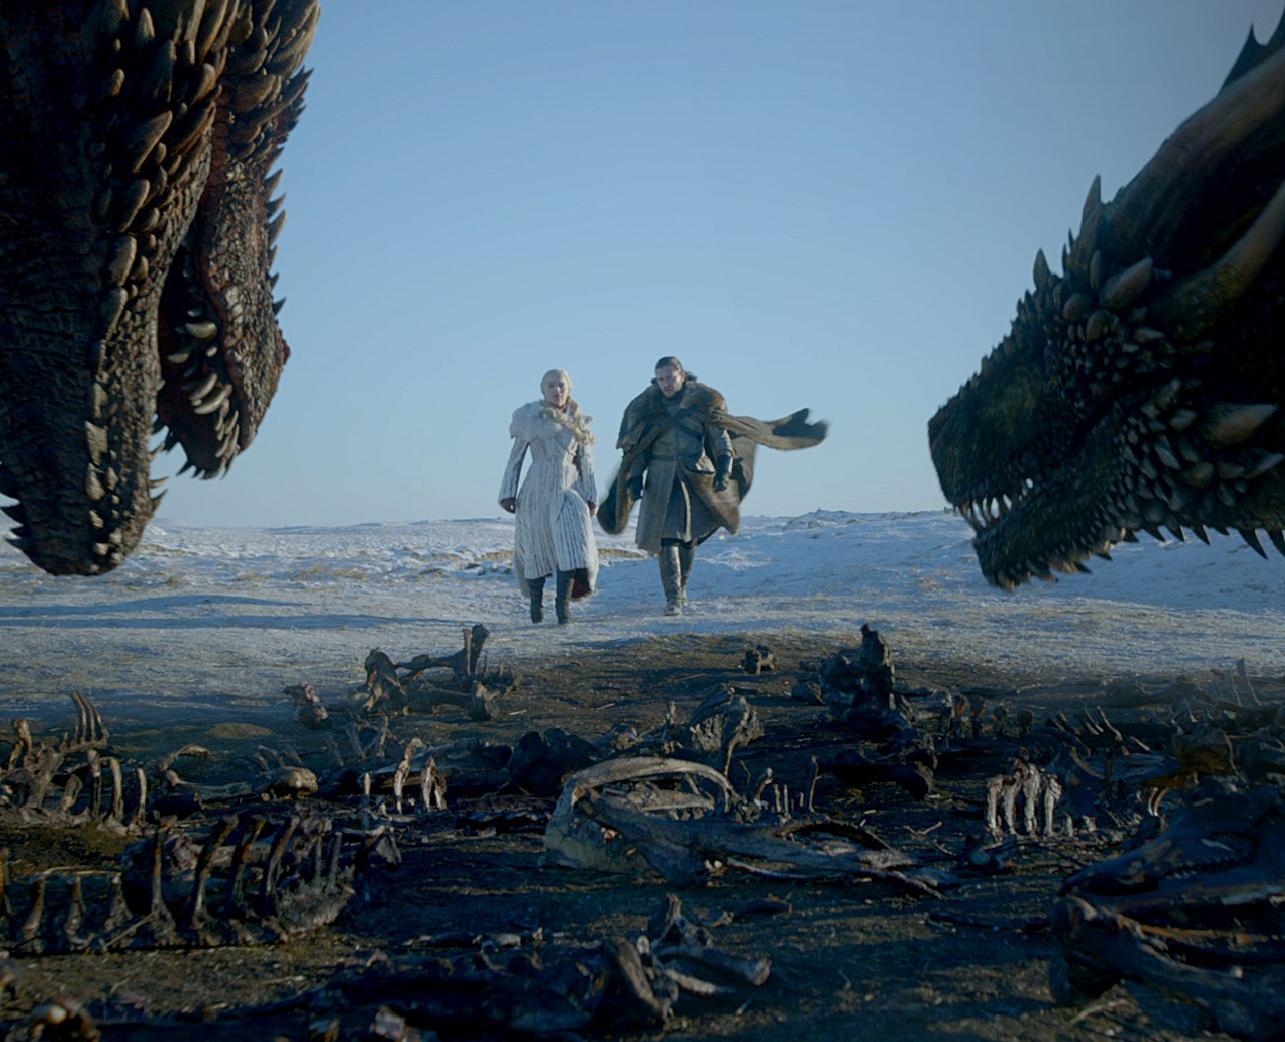 Game of Thrones Society (GoTSoc)